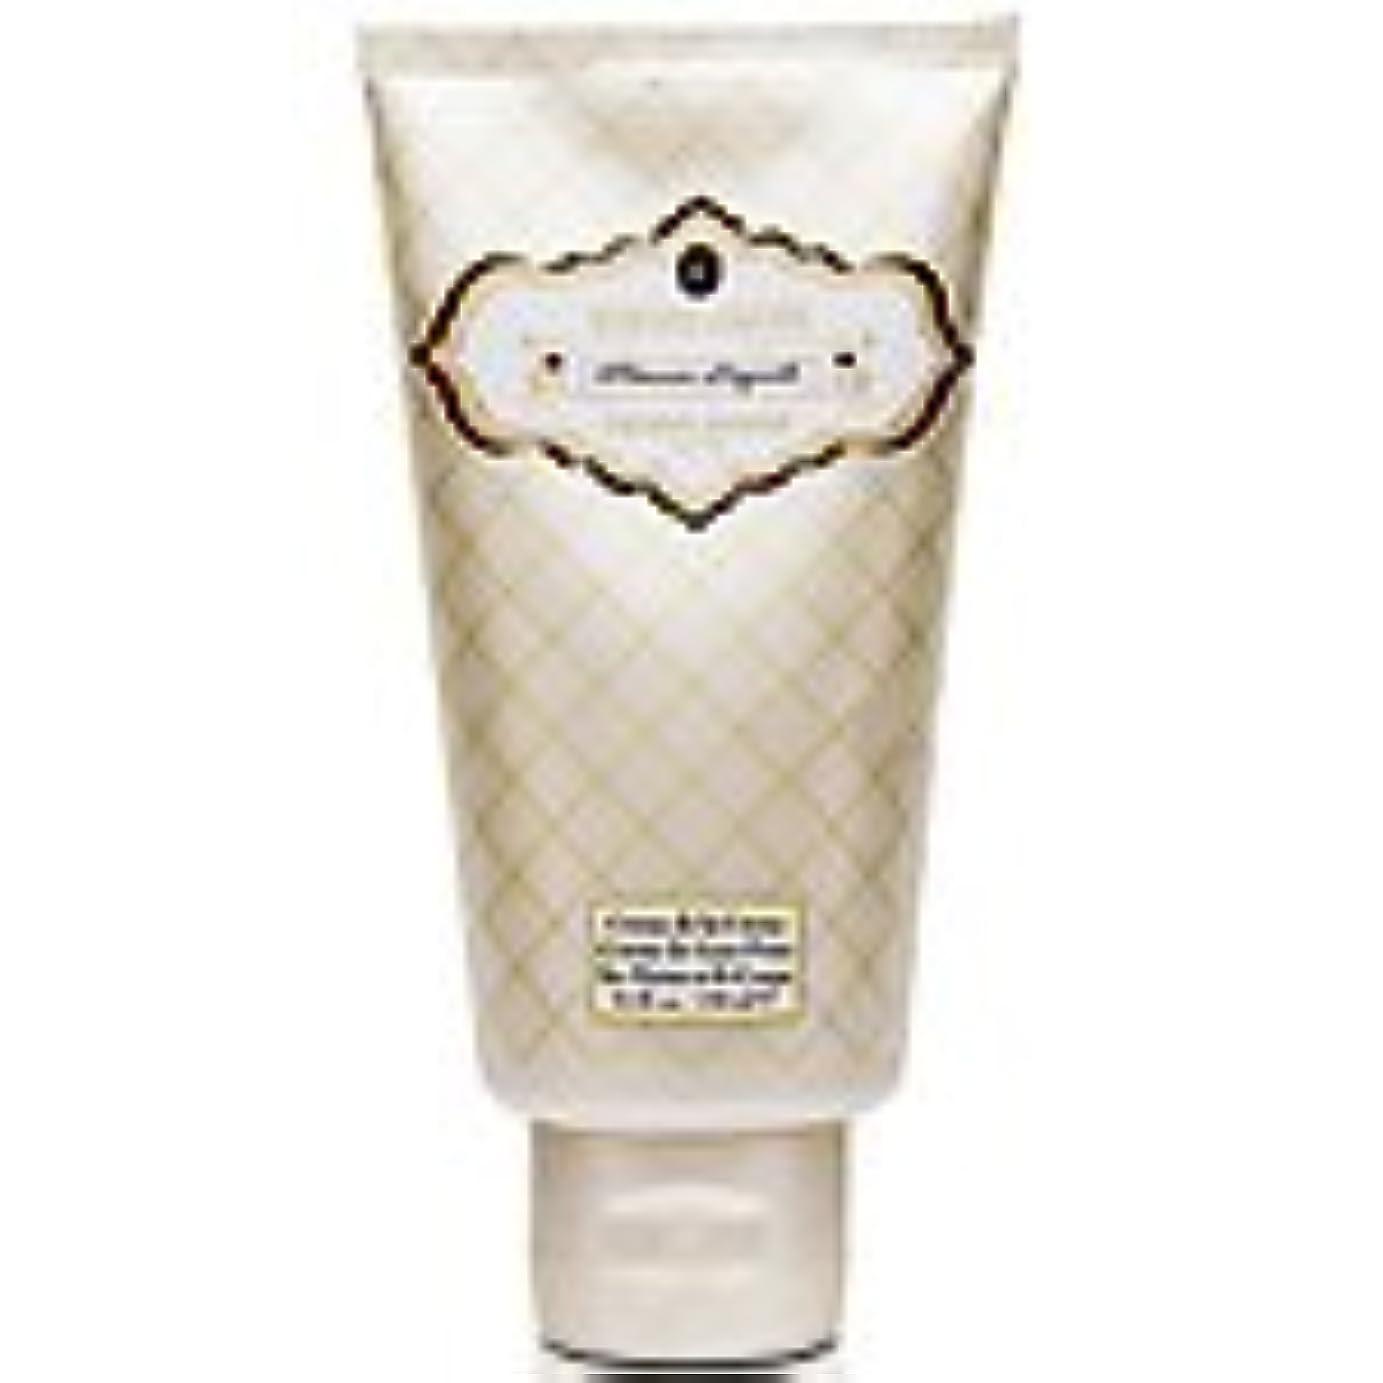 同封するバーアンプMemoire Liquide Reserve - Fleur Liquide (メモワールリキッドリザーブ - フルーアーリキッド) 5.1 oz (153ml) Body Cream for Unisex